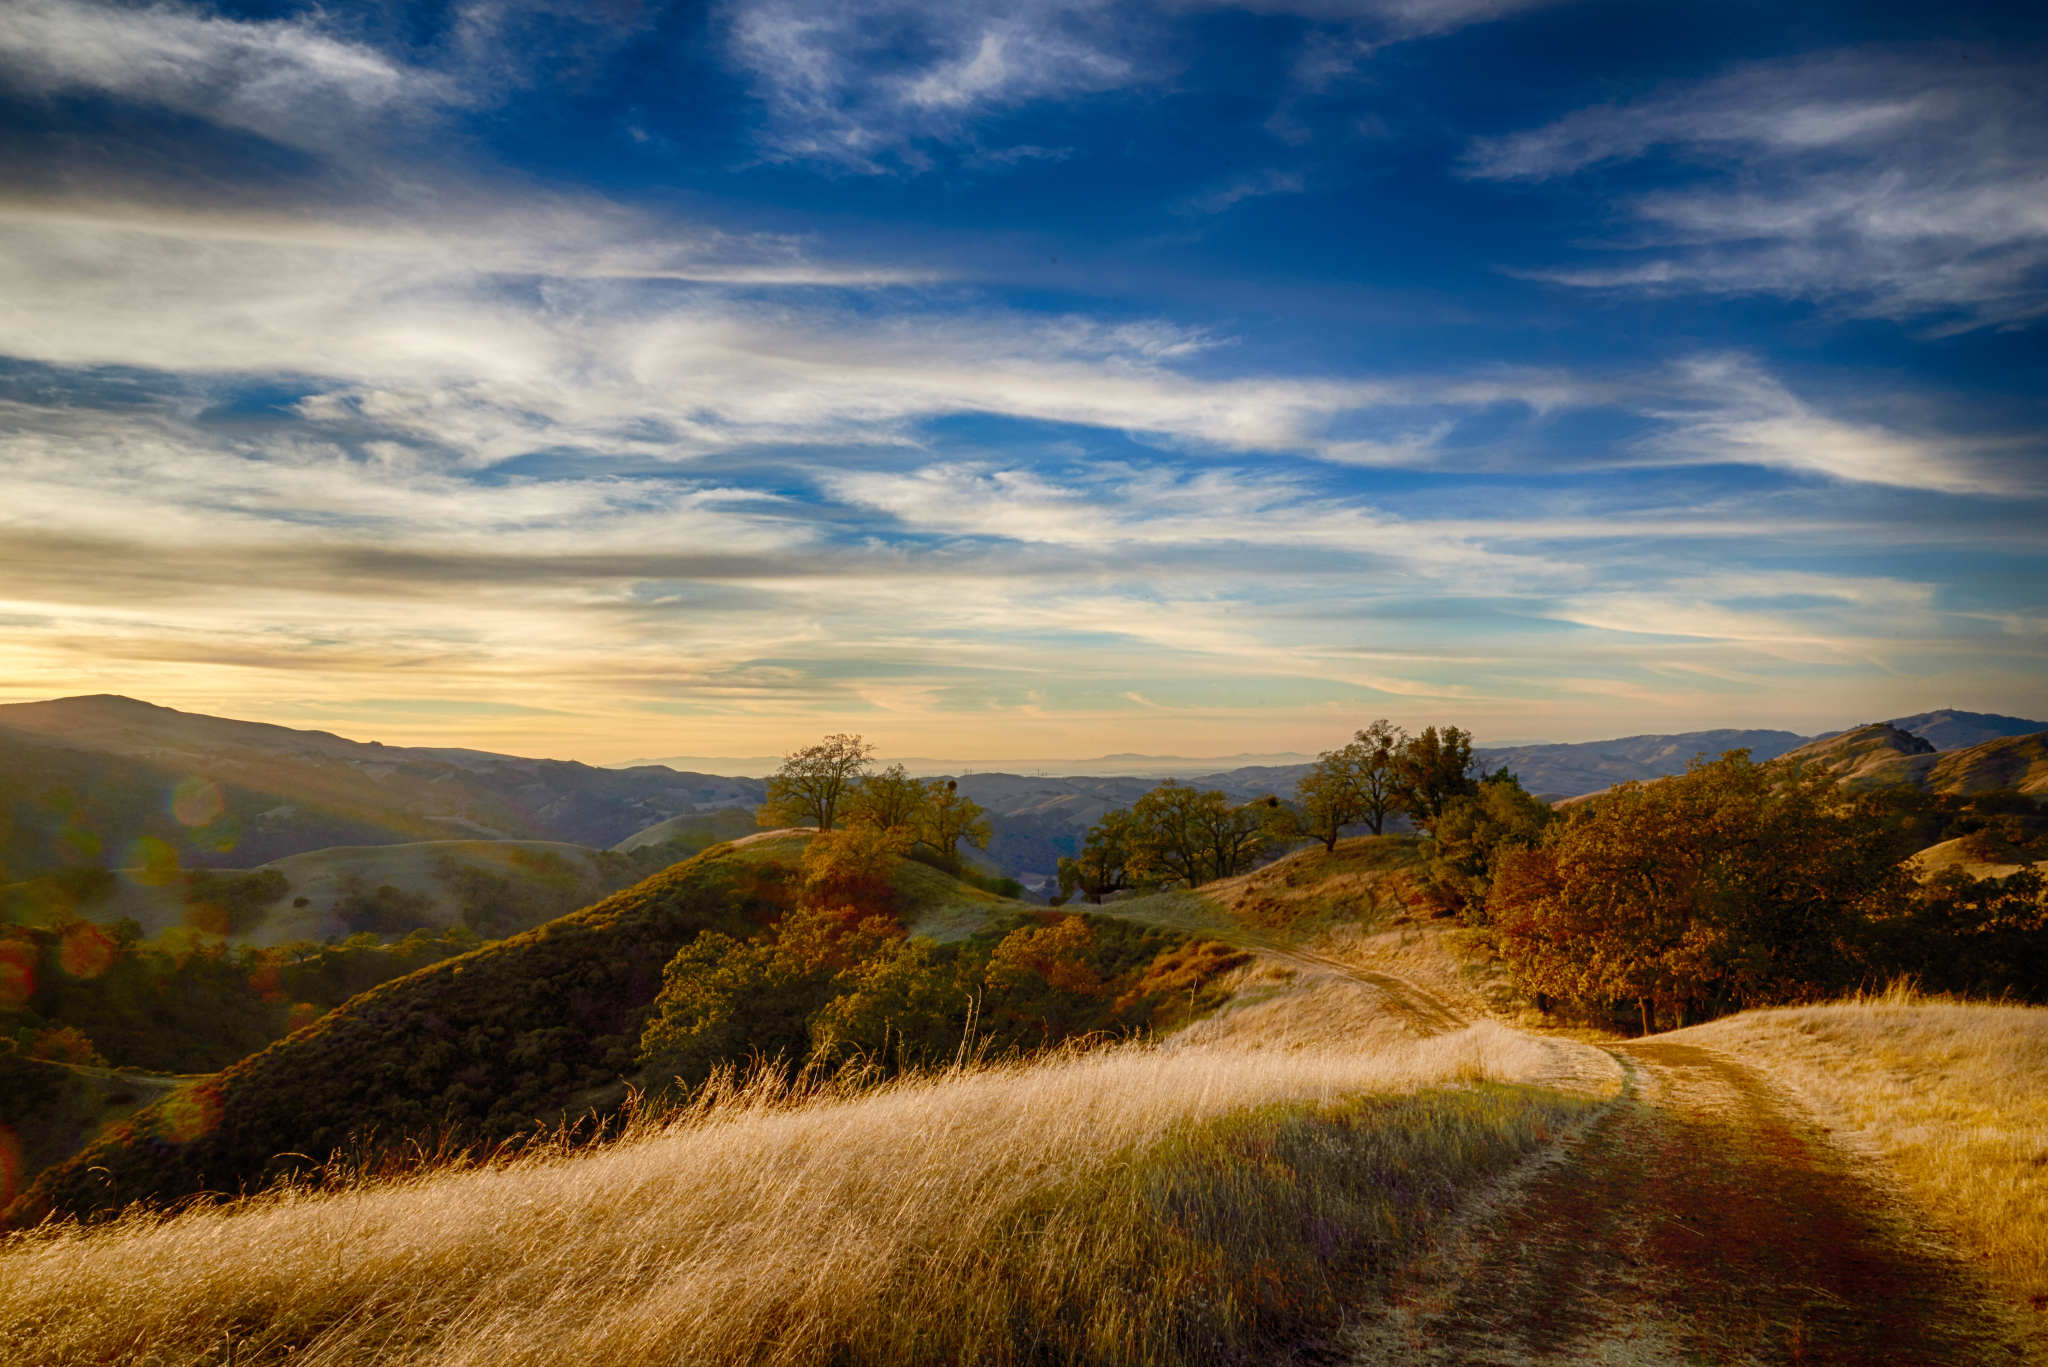 Background Hills